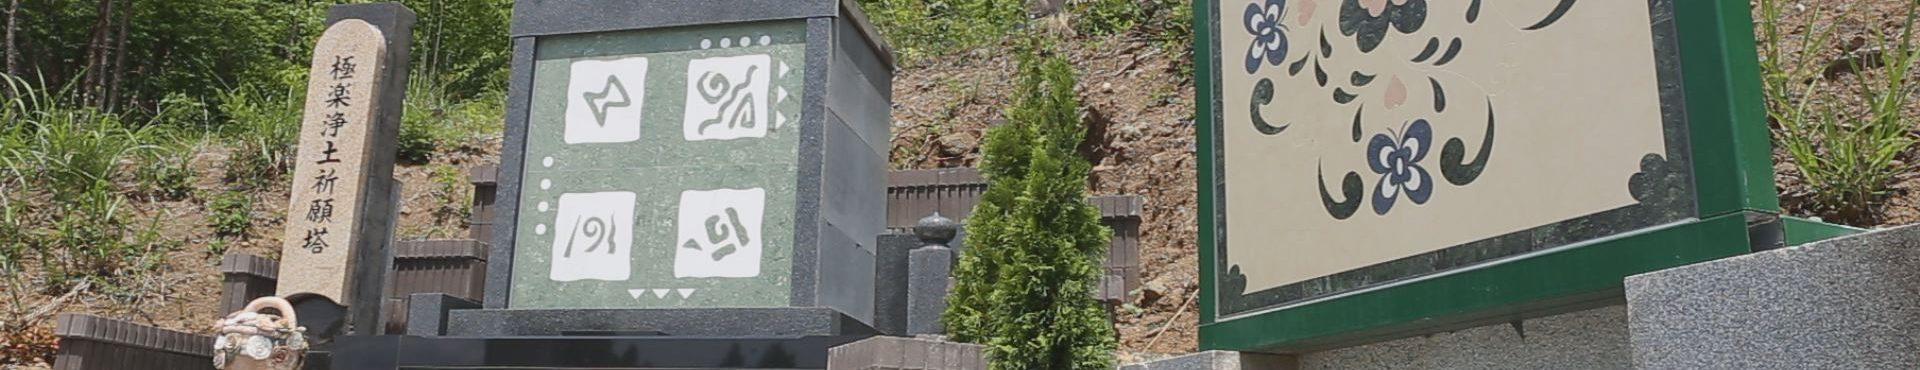 ガーデン型樹木葬霊園「青葉めぐみの墓苑」現地見学会開催